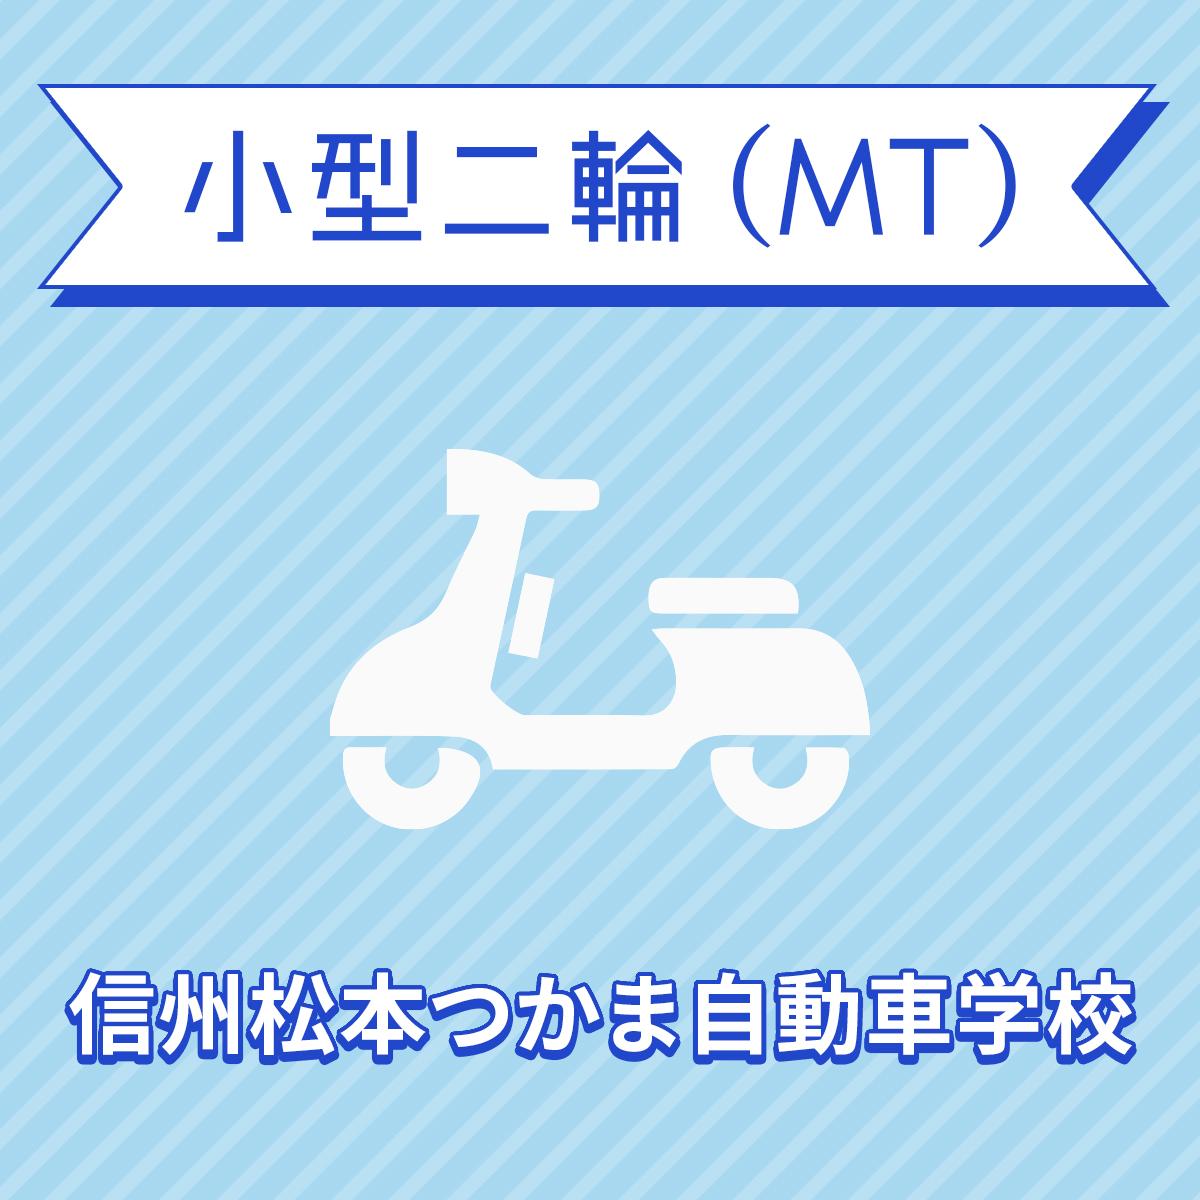 【長野県松本市】小型二輪MTコース<免許なし/原付免許所持対象>